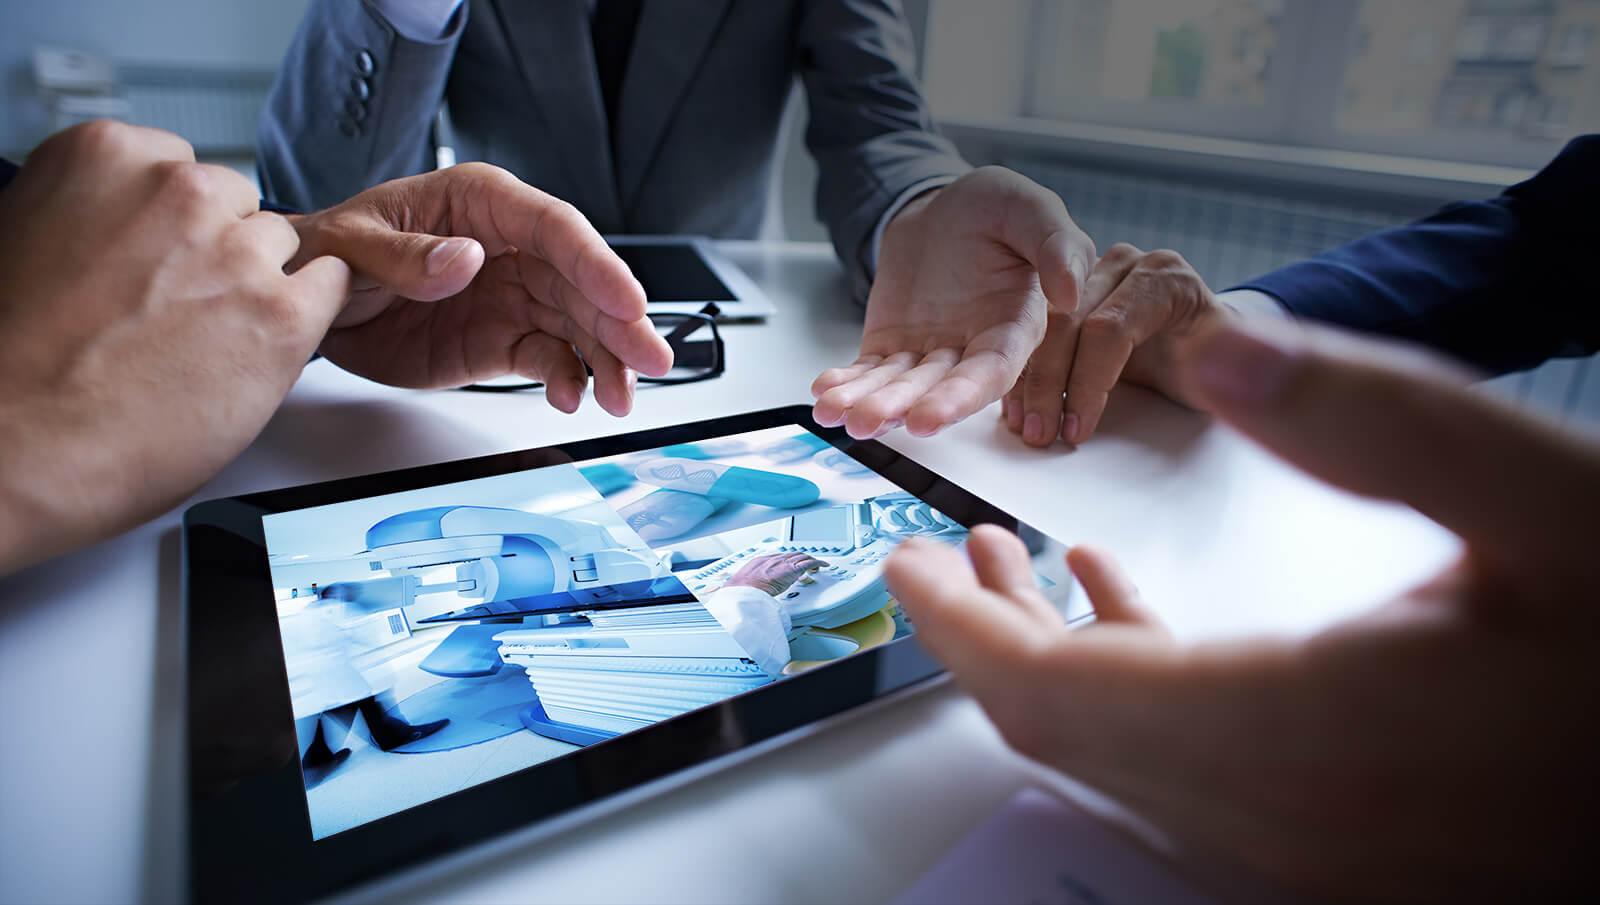 タブレットに映る医療機器、医薬品をみながら協議する認証・承認取得のプロフェッショナル達